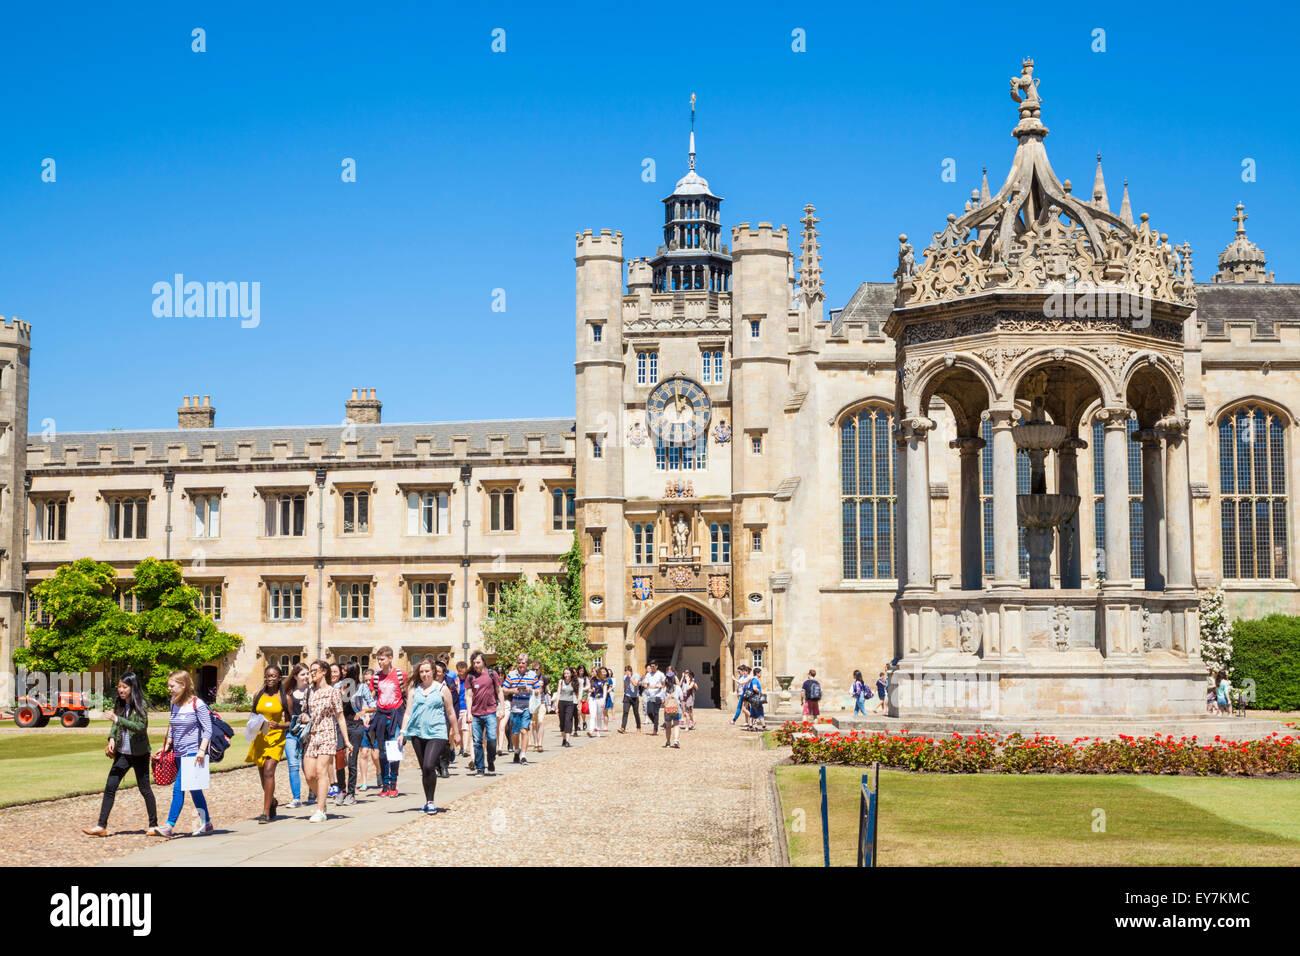 Les étudiants de l'université dans la grande cour du Trinity College de l'Université de Cambridge Photo Stock